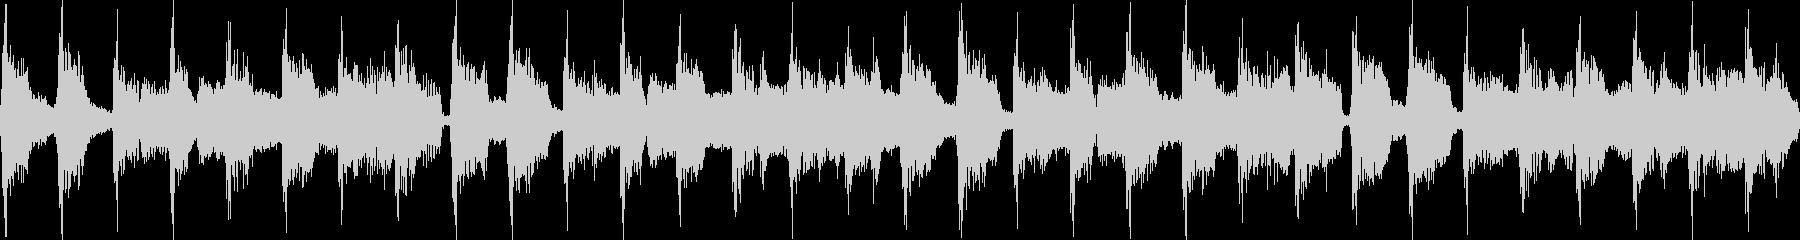 80年代のポップジングル_ループの未再生の波形